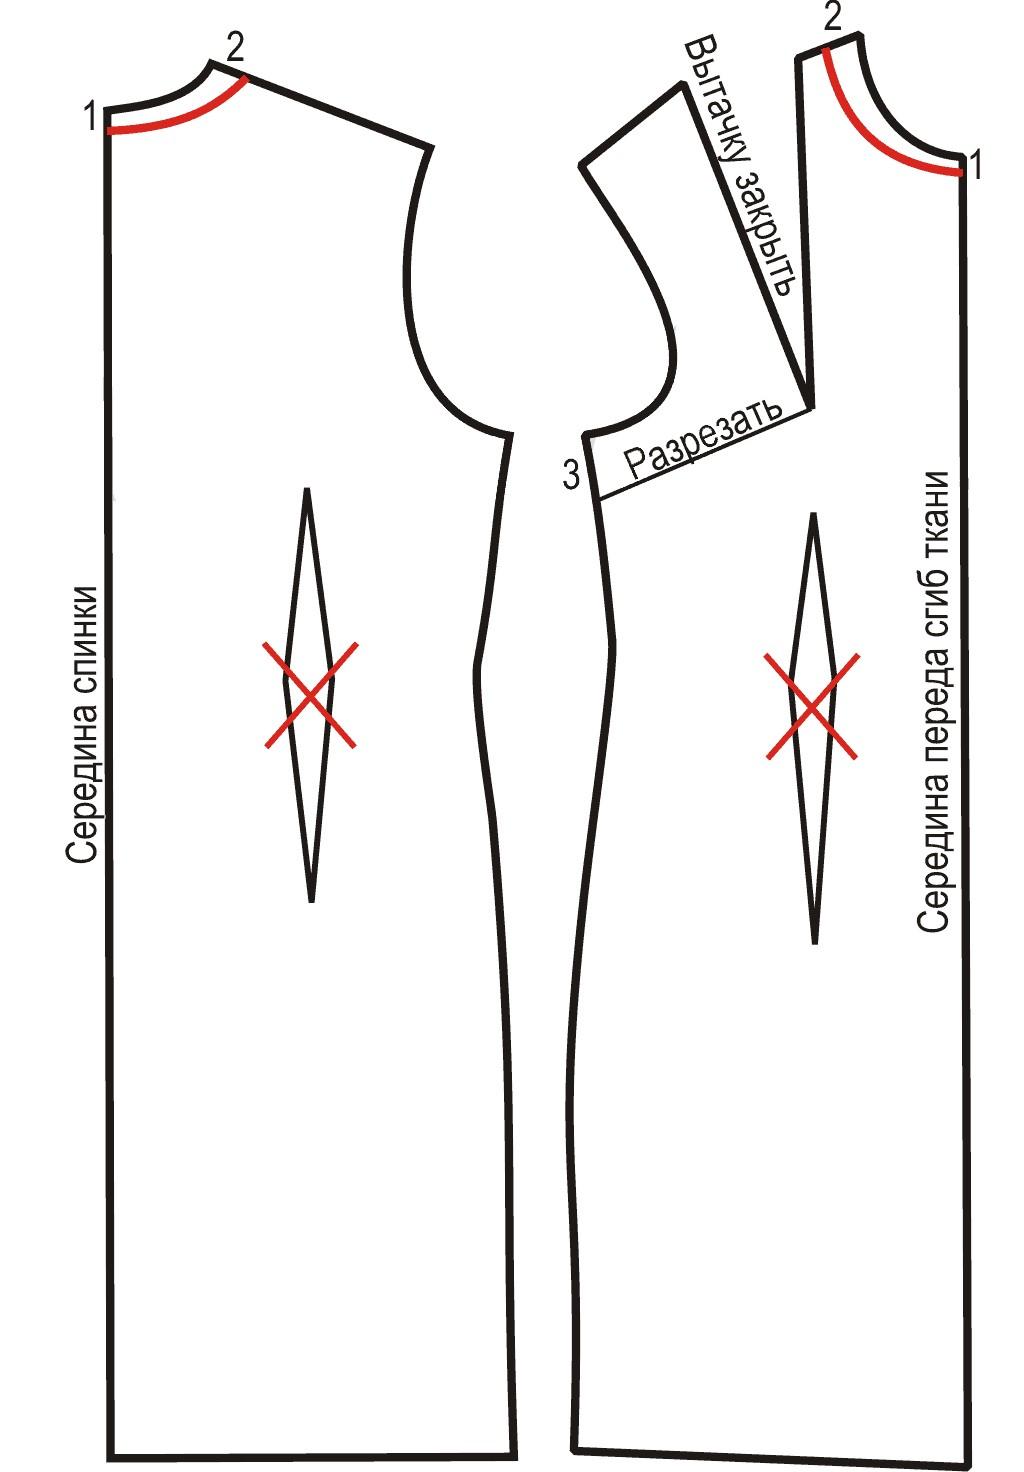 Как сделать укол ношпы внутримышечно